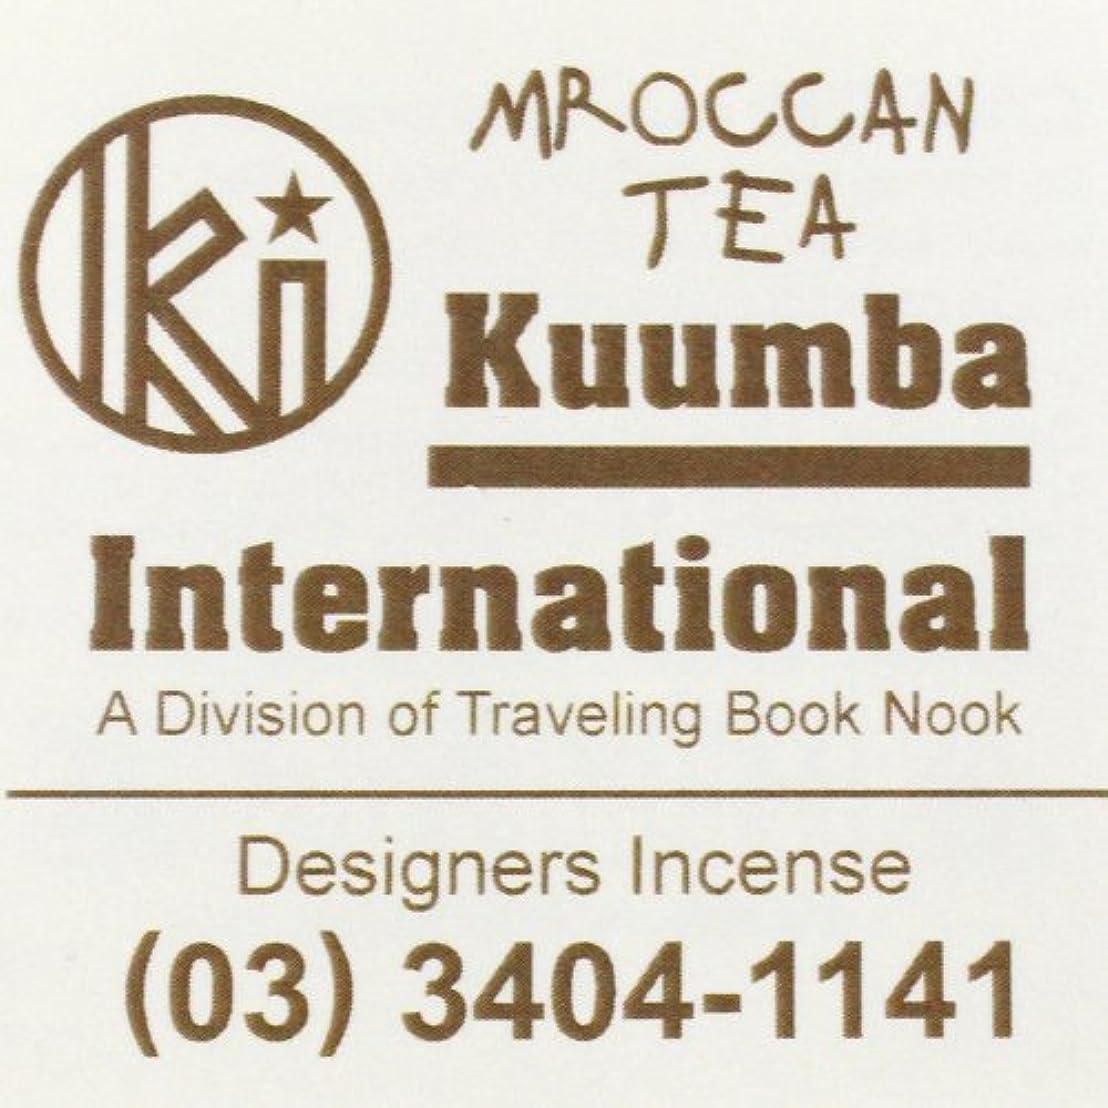 スリップ粒ケープ(クンバ) KUUMBA『incense』(MOROCCAN TEA) (Regular size)